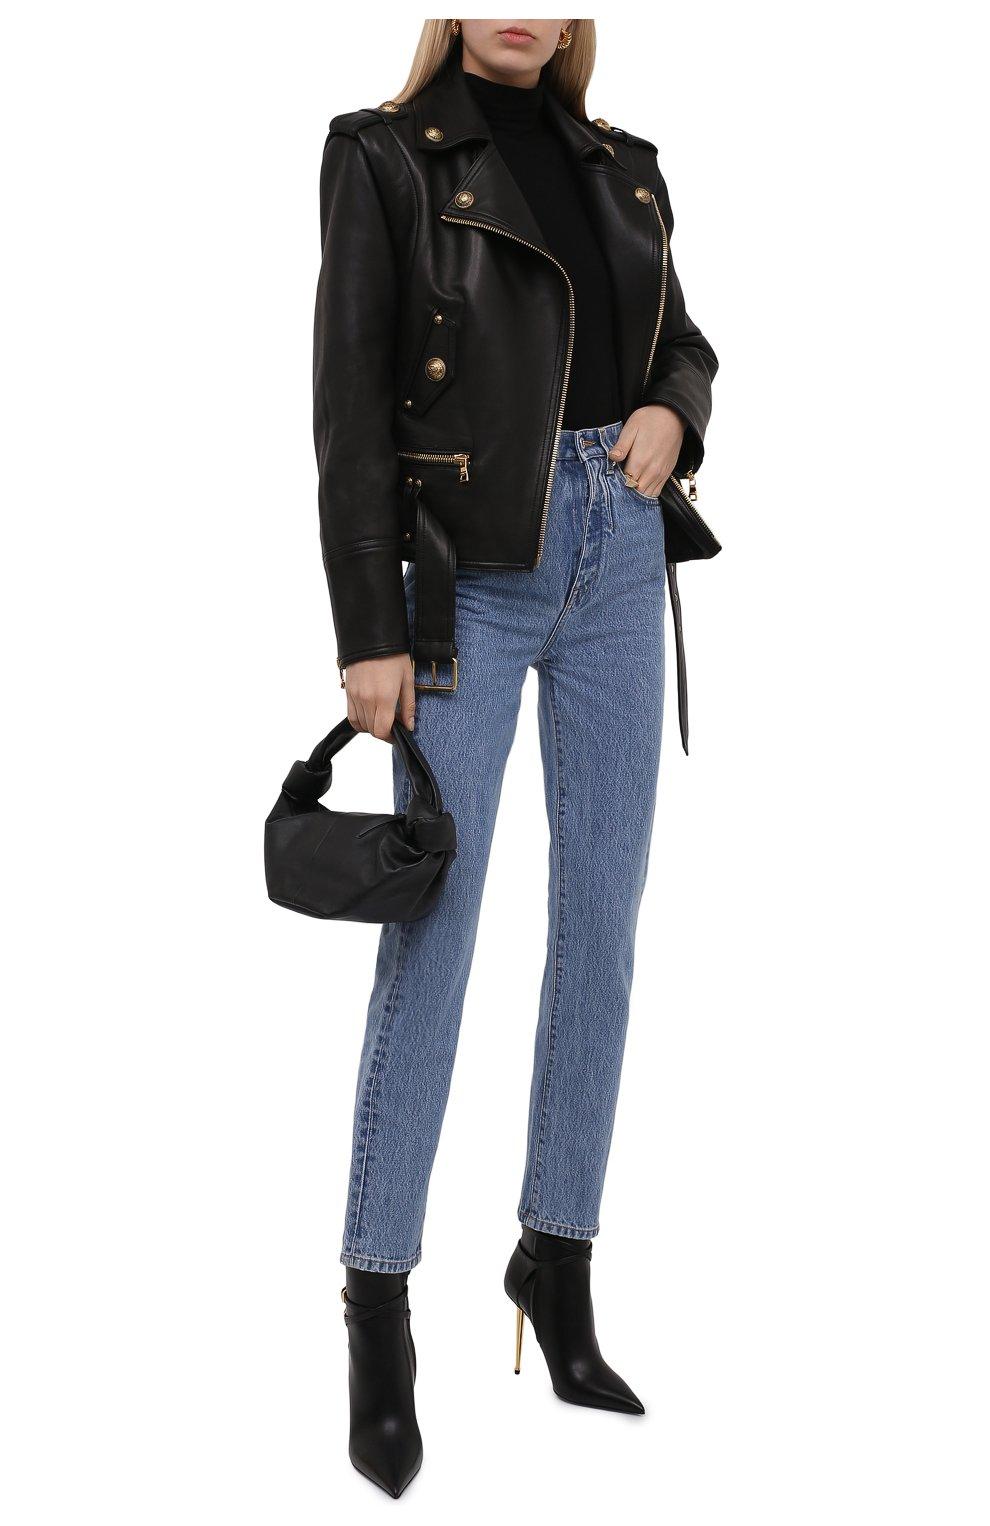 Женские кожаные ботильоны TOM FORD черного цвета, арт. W2959T-LCL002 | Фото 2 (Каблук высота: Высокий; Материал внутренний: Натуральная кожа; Каблук тип: Шпилька; Подошва: Плоская)